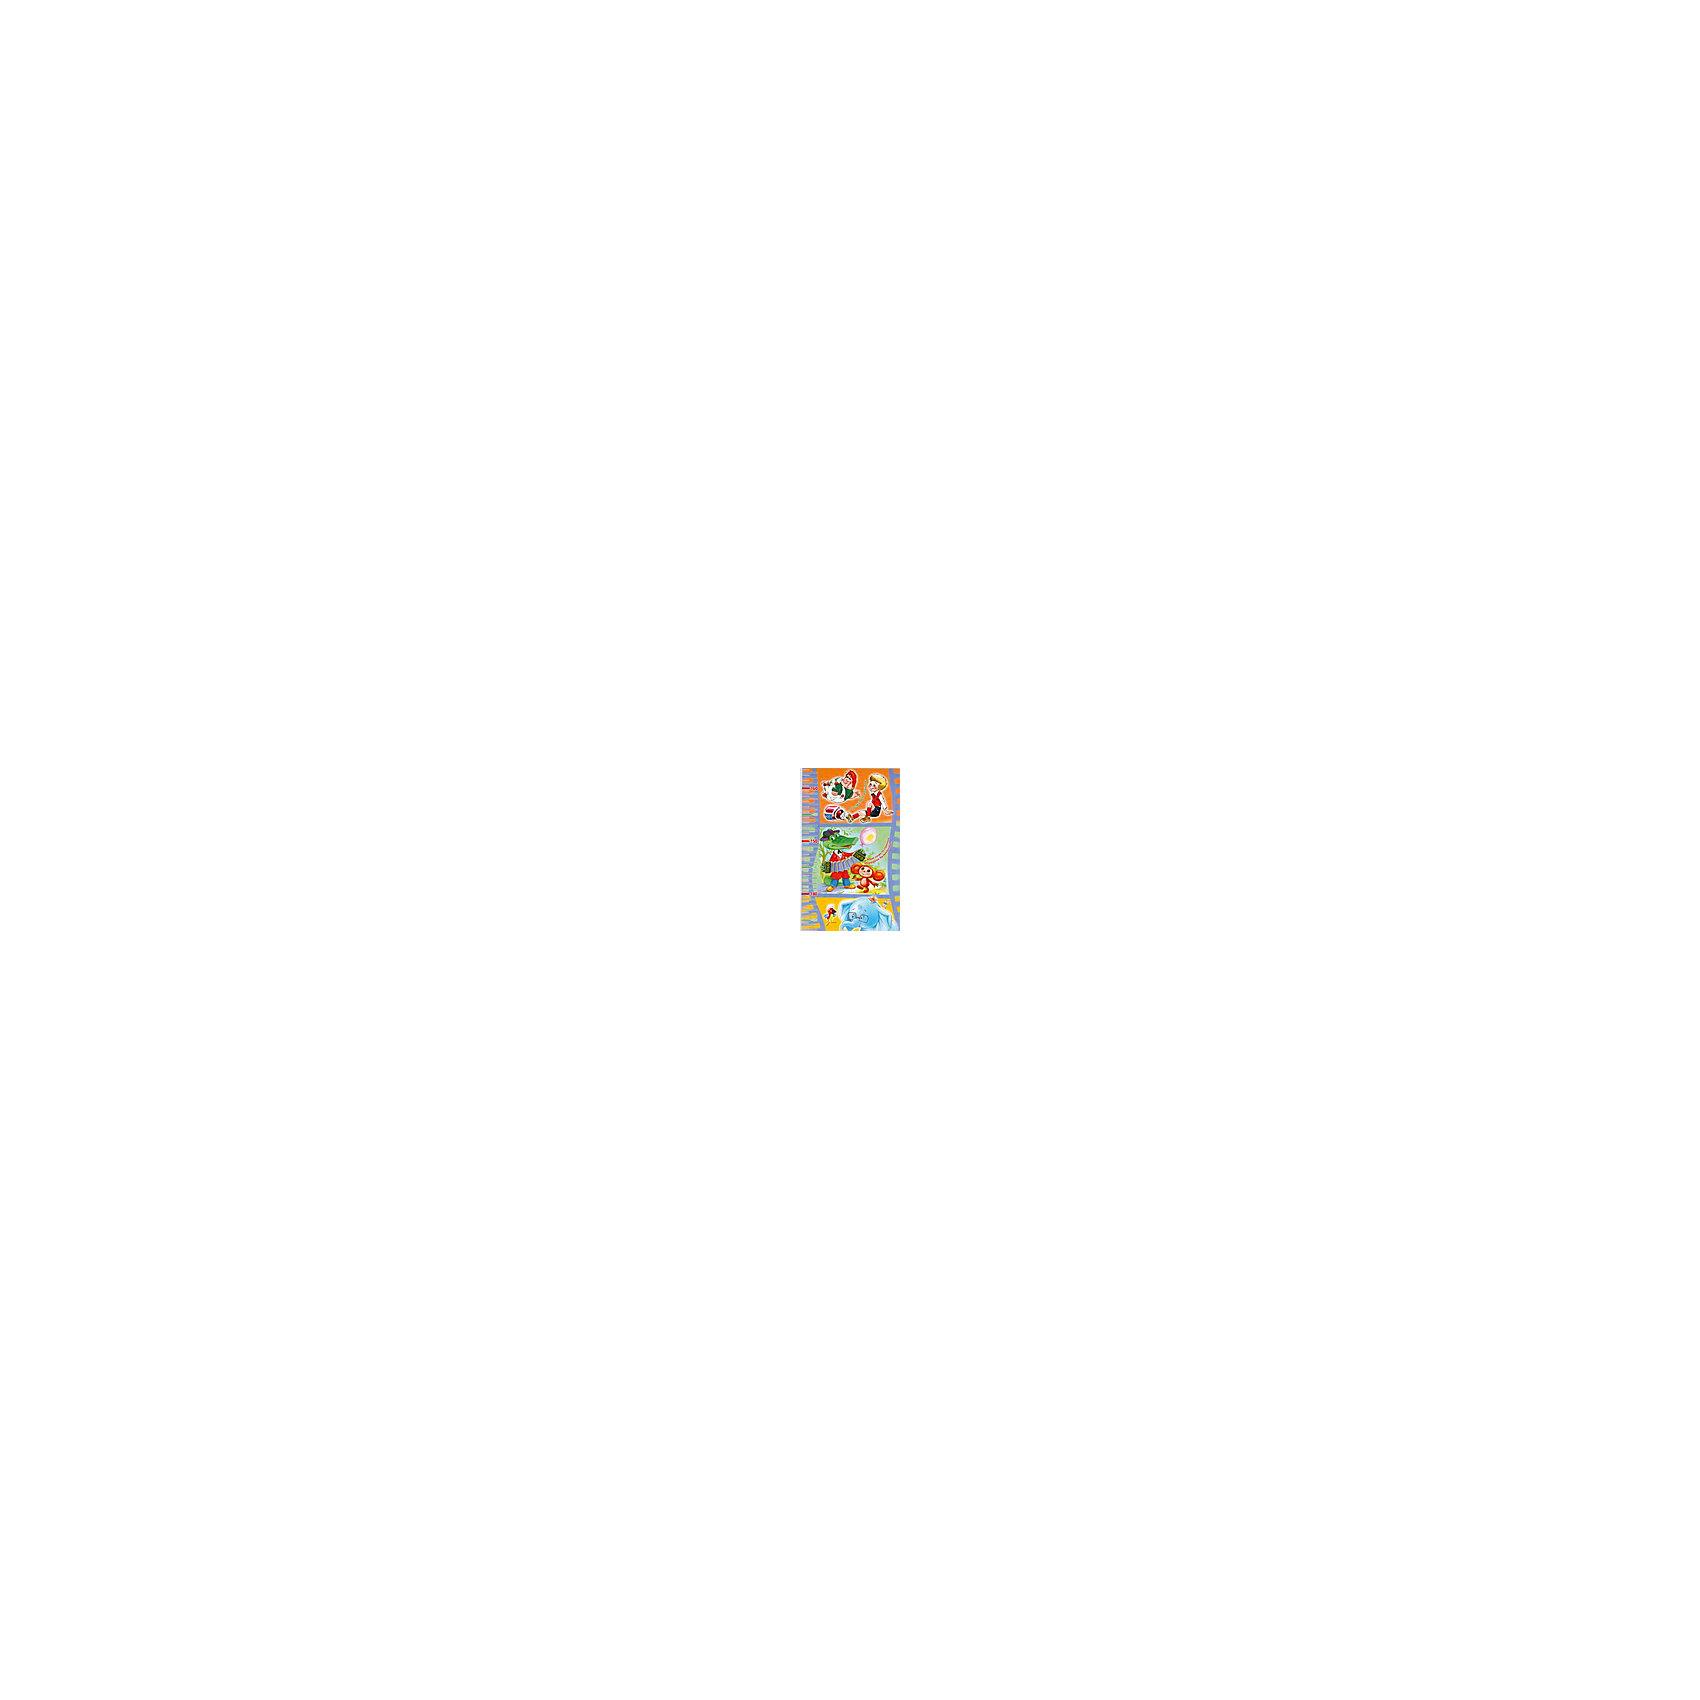 Ростомер. Из каких мультфильмов?Ростомер. Из каких мультфильмов? – это оригинальный ростомер, который поможет следить за ростом ребенка на протяжении нескольких лет.<br>Забавный ростомер с веселыми героями любимых мультфильмов своей яркостью и оригинальностью сразу же обращает на себя внимание, и его будет приятно получить в подарок каждому малышу. Закрепите его на ровной вертикальной поверхности, и пусть малыш поспешит измерить свой рост. С таким ростомером расти гораздо веселее!<br><br>Дополнительная информация:<br><br>- Издательство: АСТ<br>- Иллюстрации: цветные<br>- На рост: 165 см.<br>- Размер упаковки: 985 x 190 x 1 мм.<br><br>Ростомер. Из каких мультфильмов? можно купить в нашем интернет-магазине.<br><br>Ширина мм: 985<br>Глубина мм: 190<br>Высота мм: 1<br>Вес г: 45<br>Возраст от месяцев: 48<br>Возраст до месяцев: 72<br>Пол: Унисекс<br>Возраст: Детский<br>SKU: 4336033